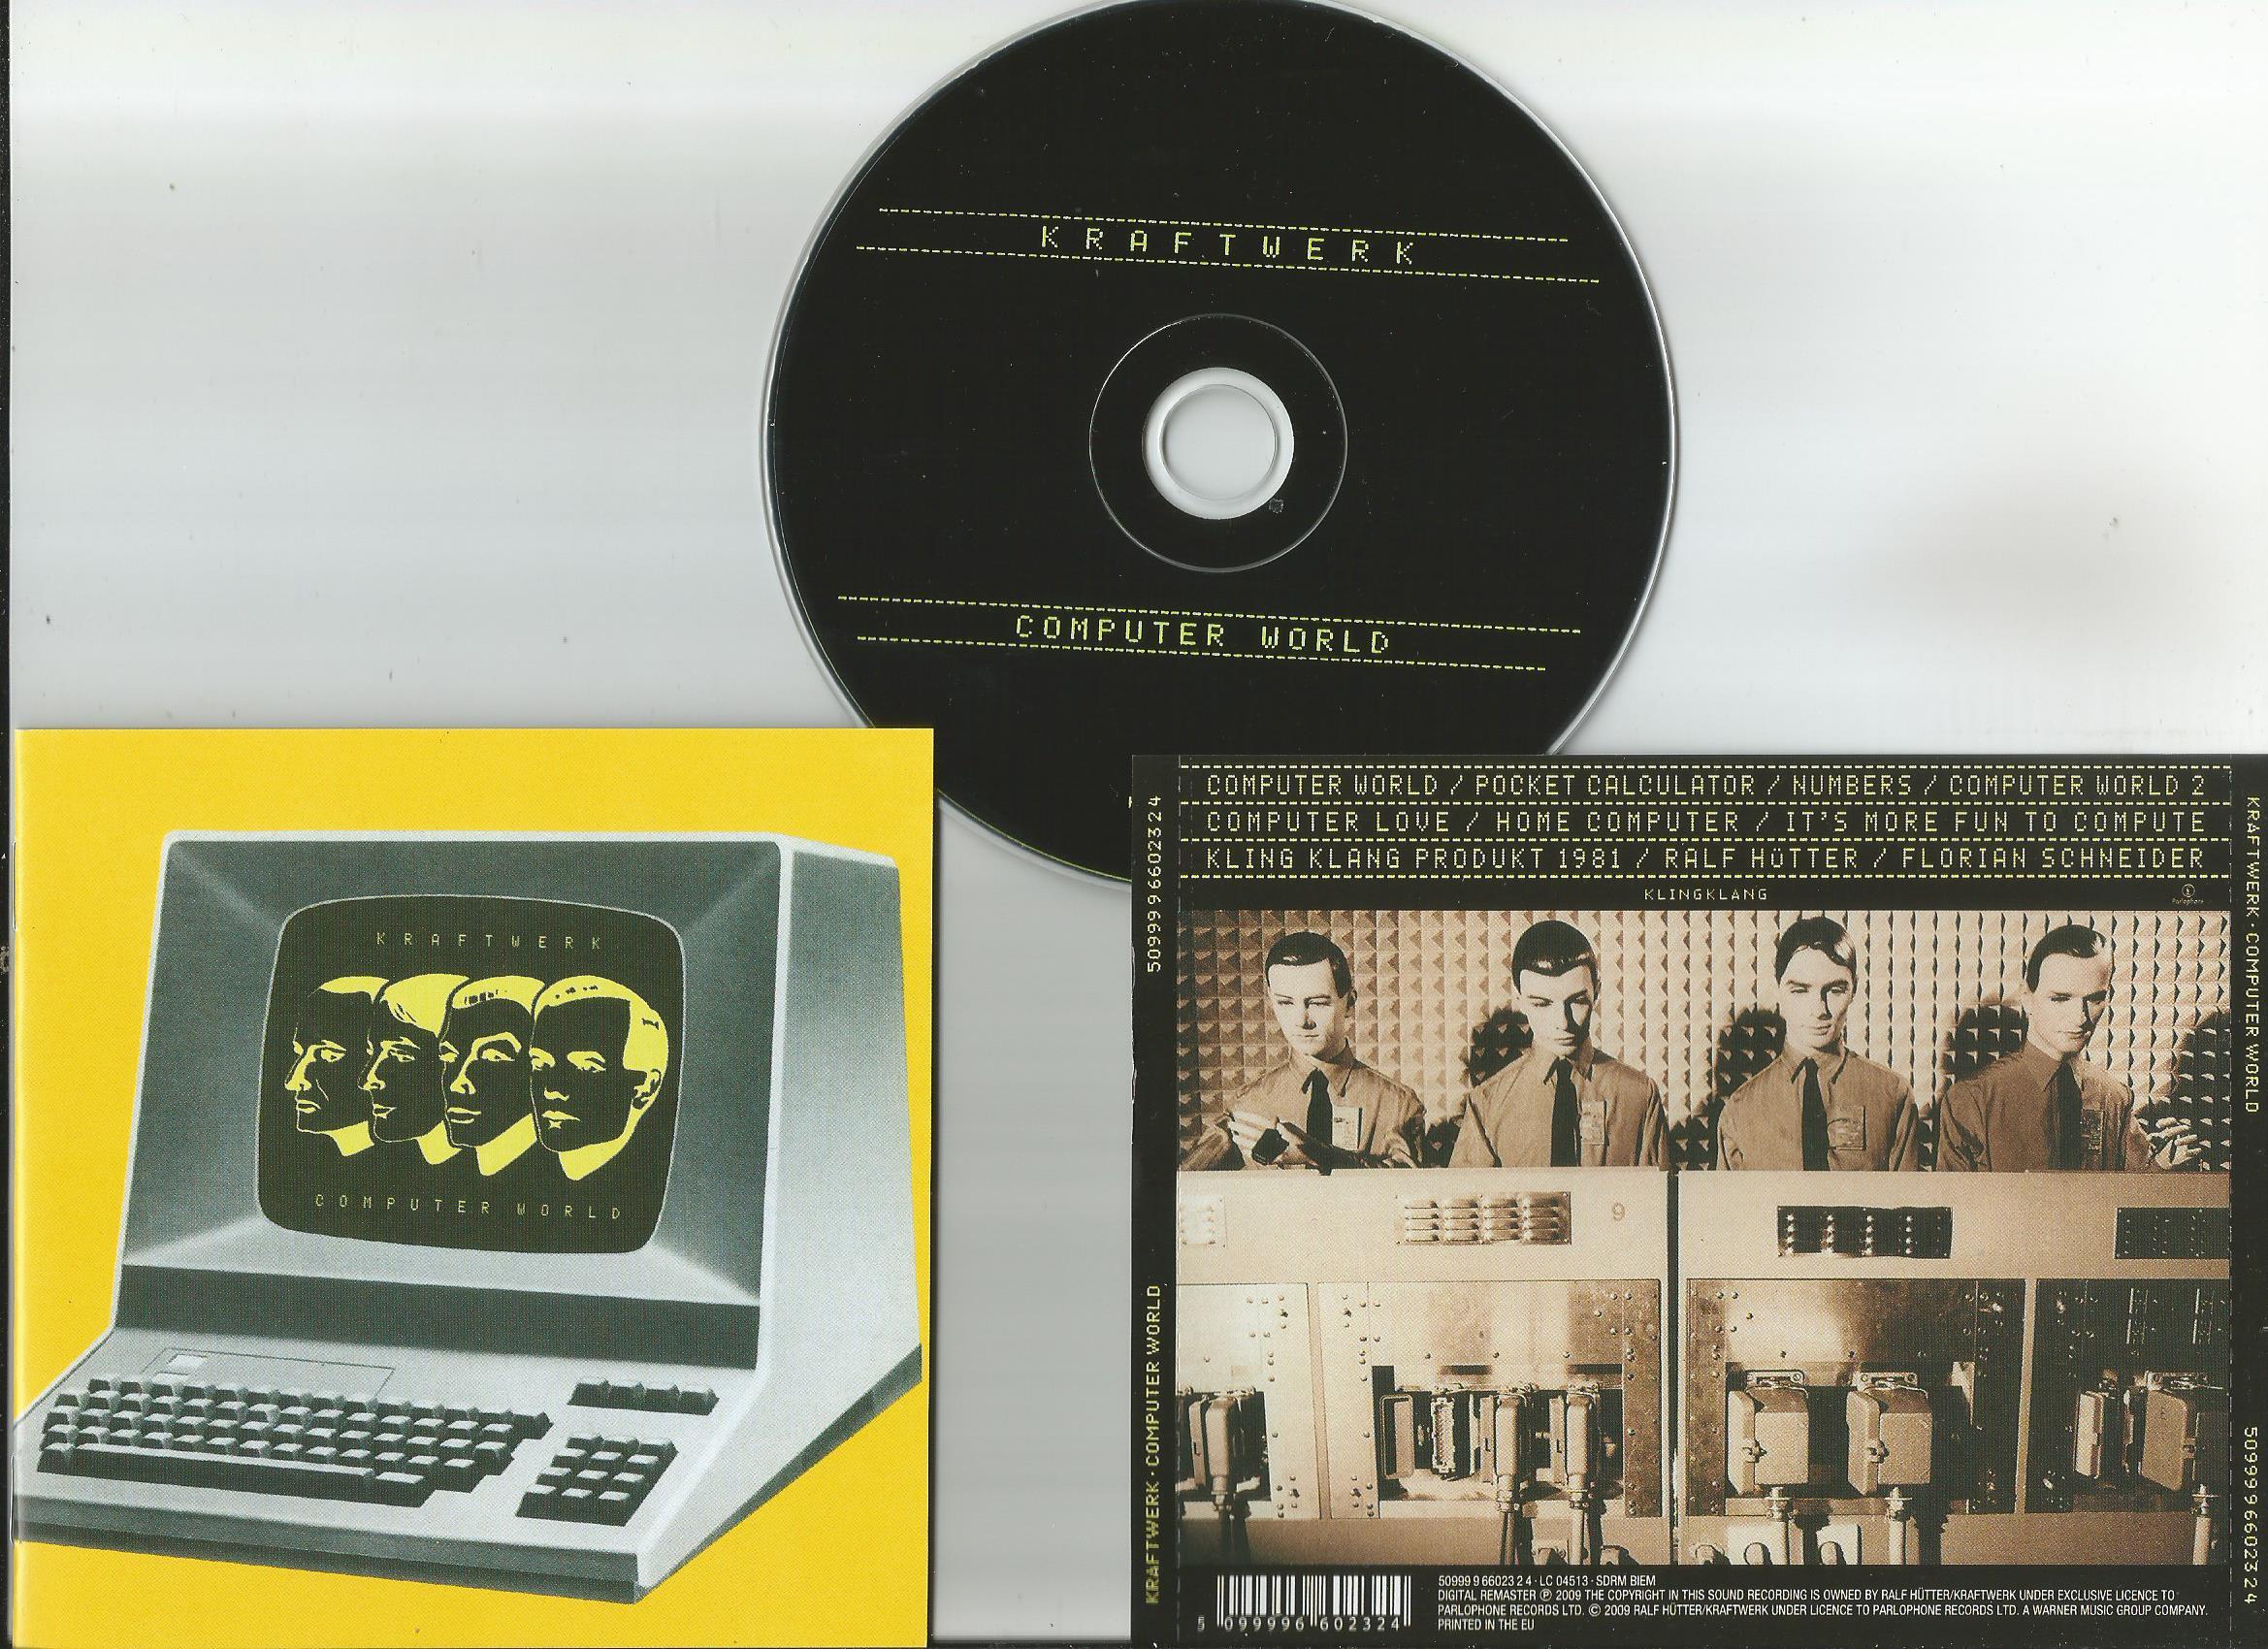 kraftwerk computer world (no slipcase, 16page booklet, remaster 2009)